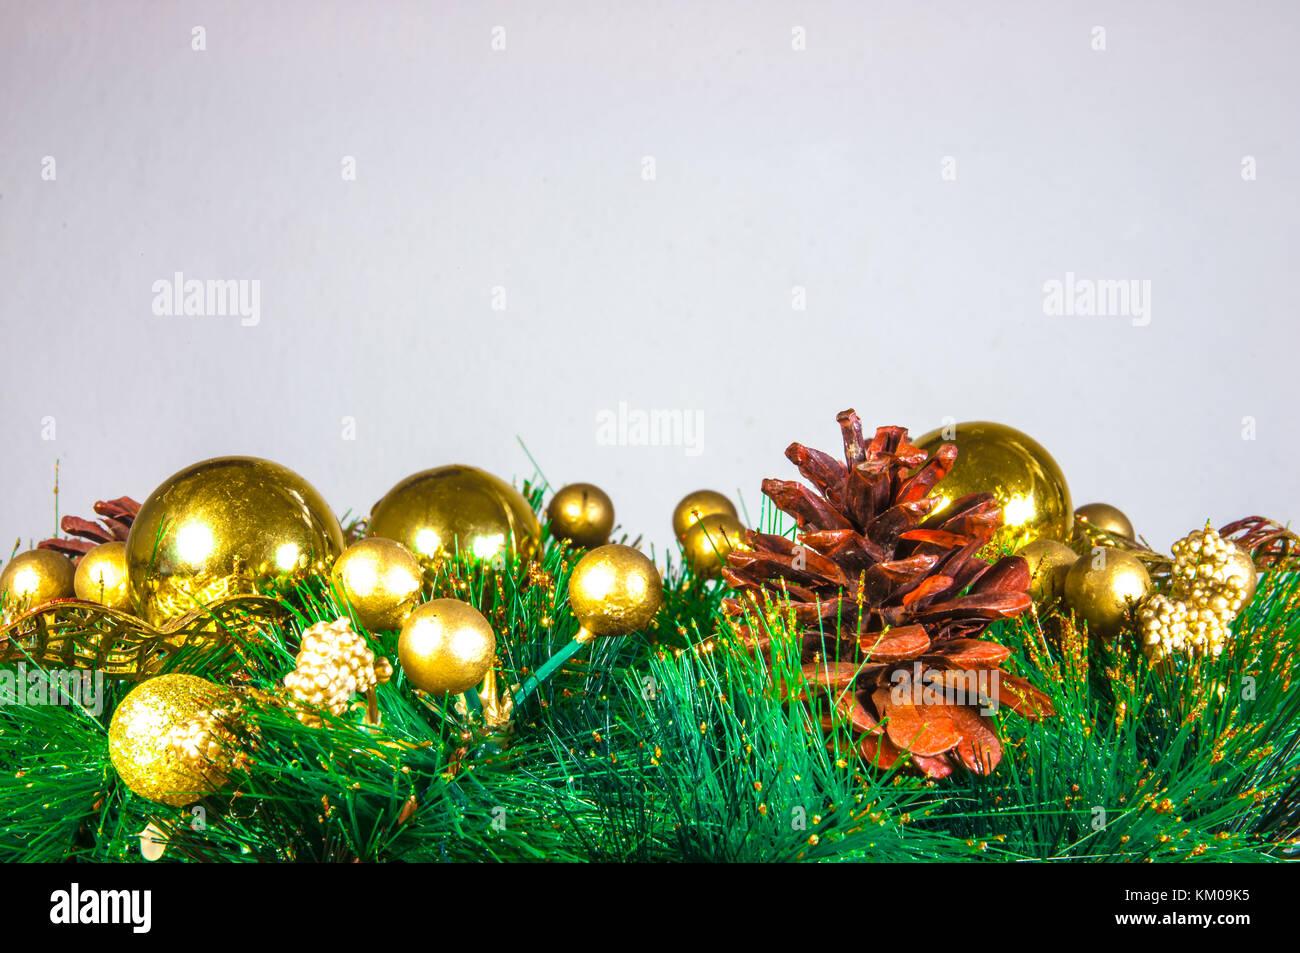 Weihnachten Weihnachtsstern Flower Red christmas star Hintergrund ...